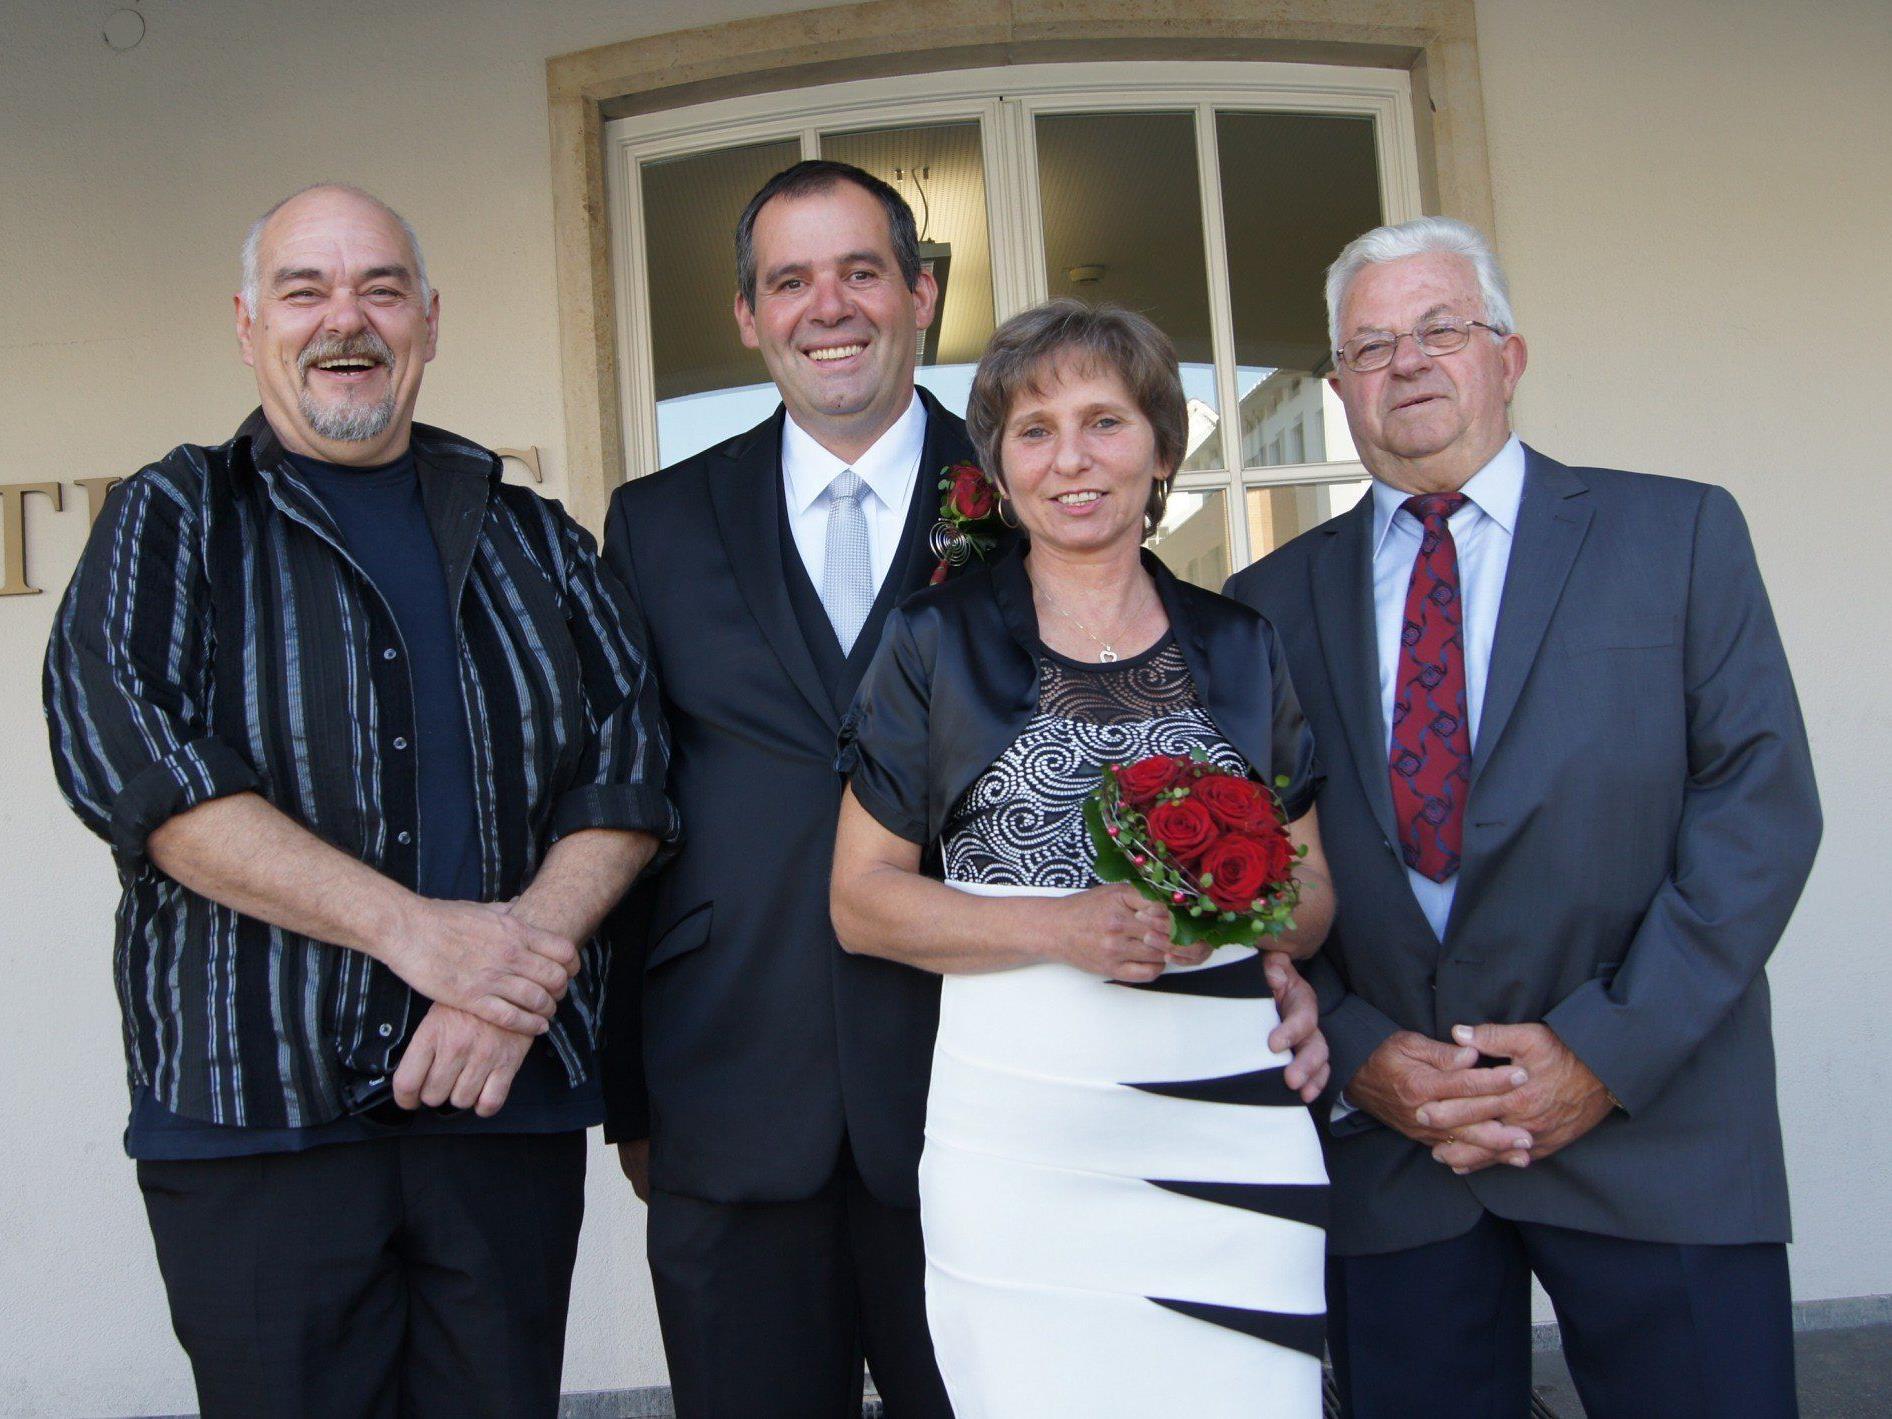 Das Brautpaar mit den Trauzeugen bei der standesamtlichen Trauung in Dornbirn